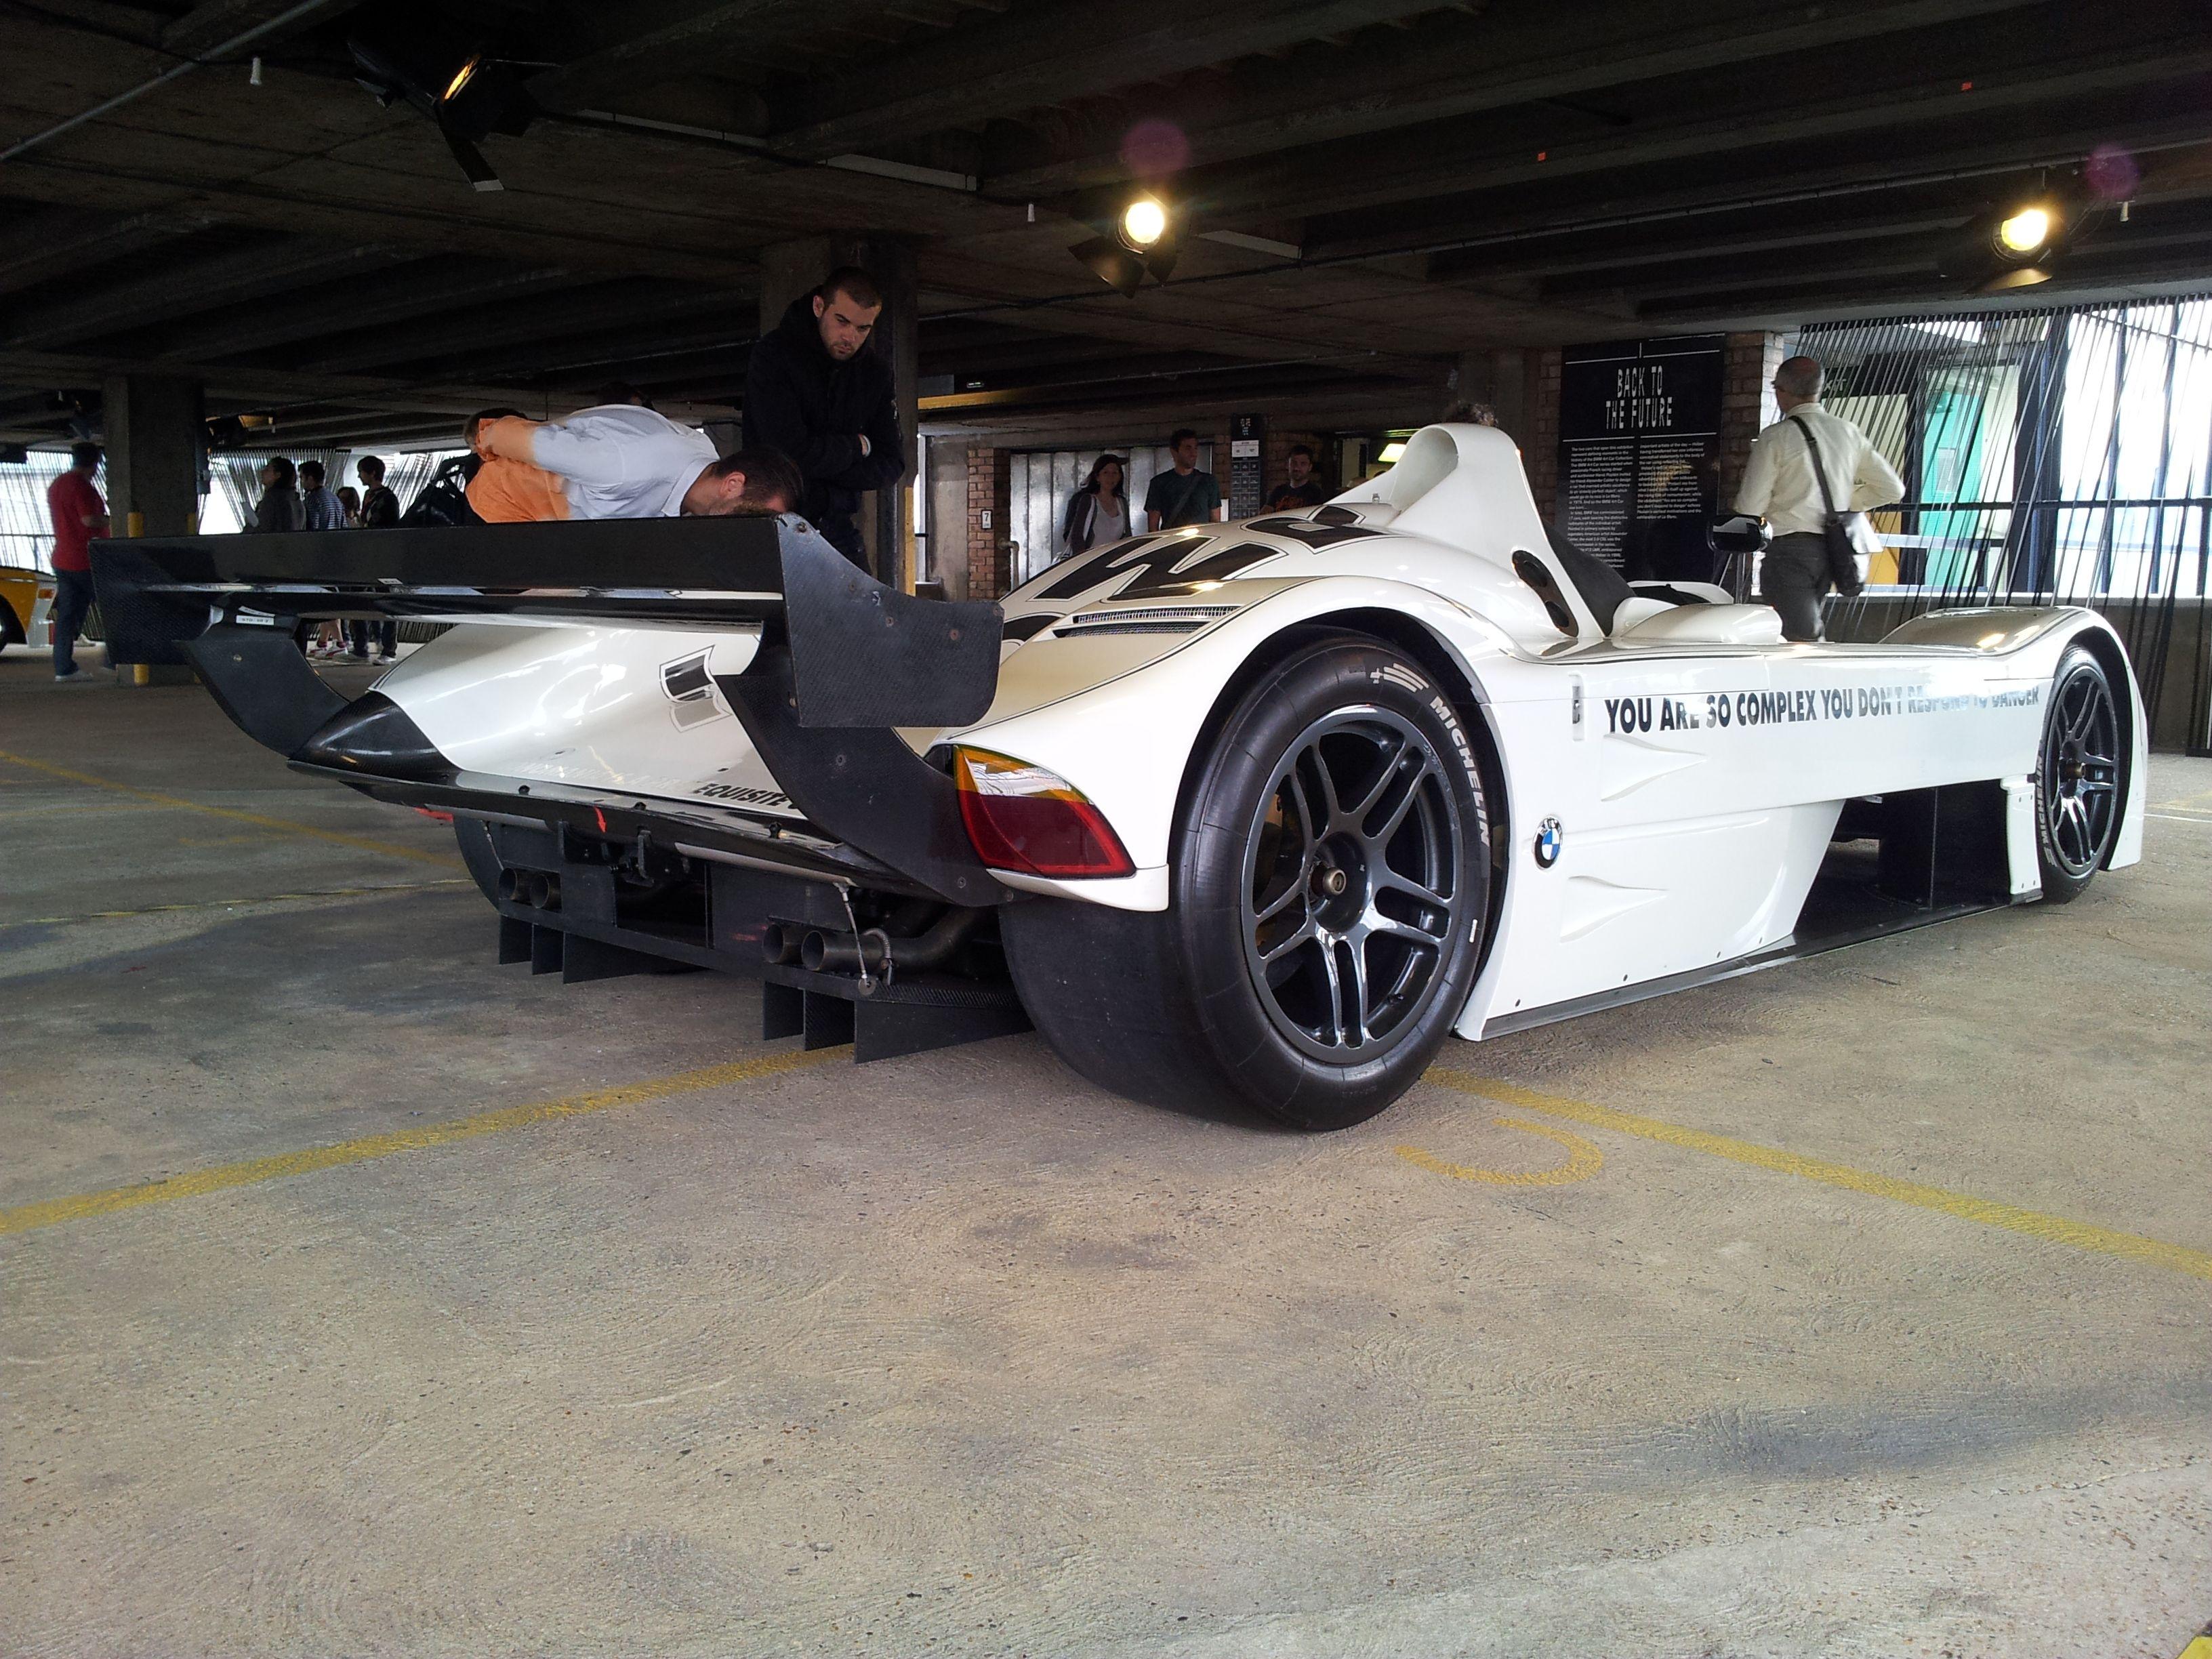 BMW V12 LMR Jenny Holzer got wheel Bmw v12